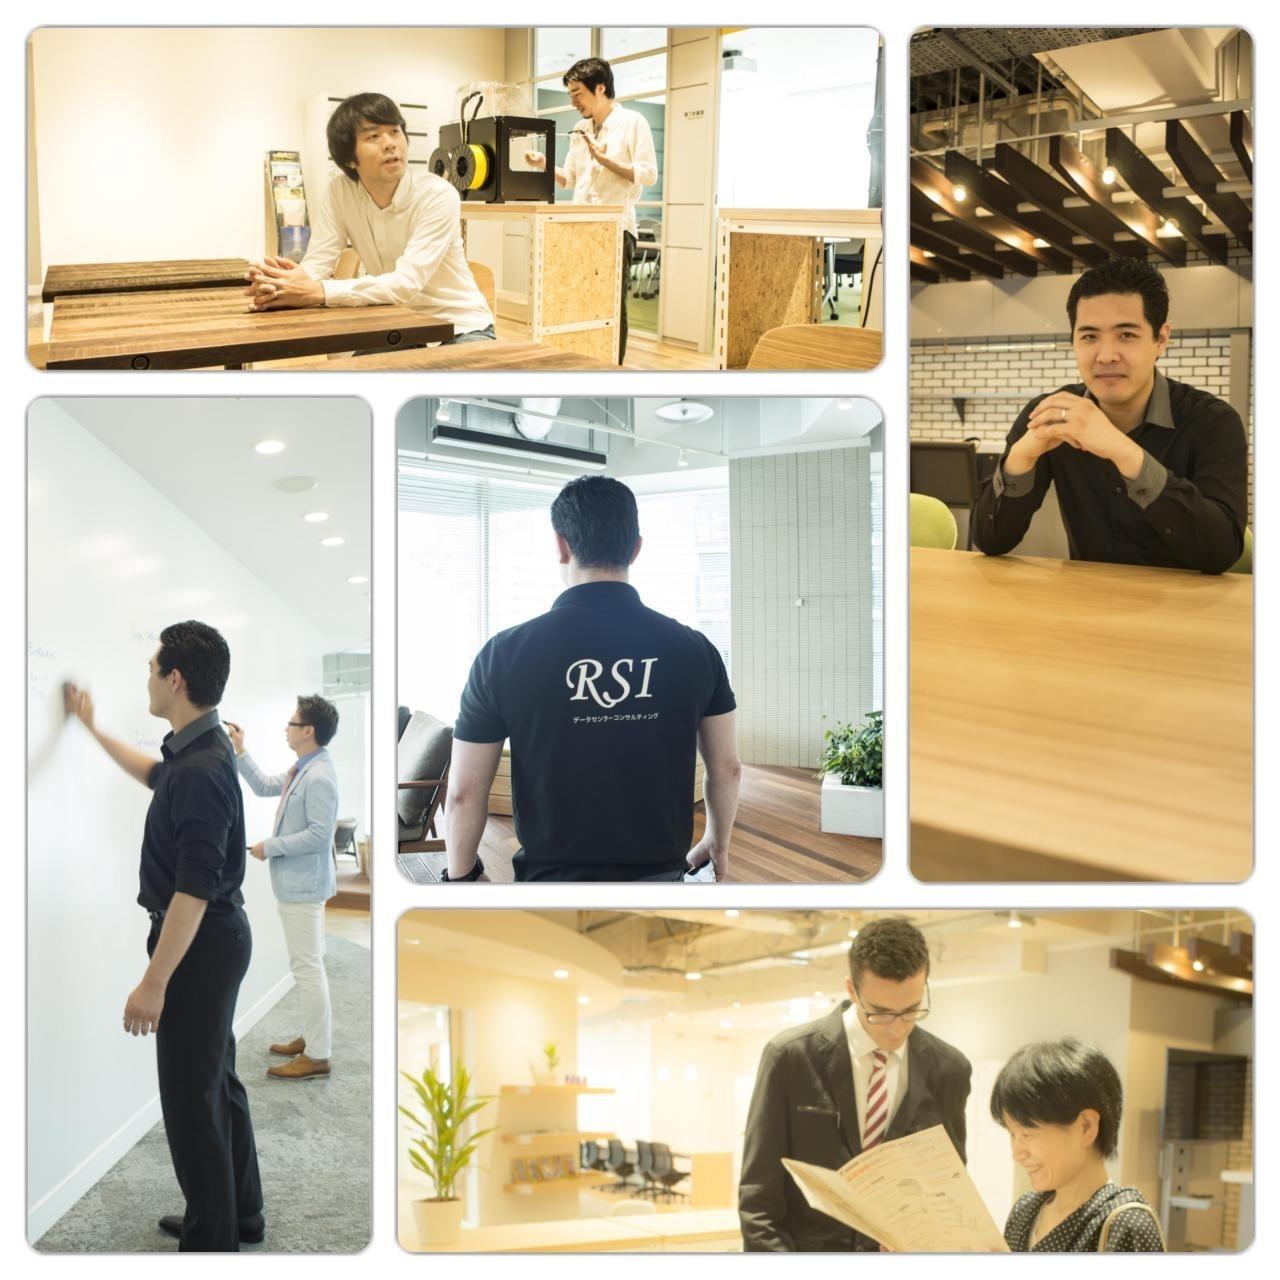 株式会社RSI/急募【正社員:コンサルタント】データセンター、インフラ、ファシリティー関連